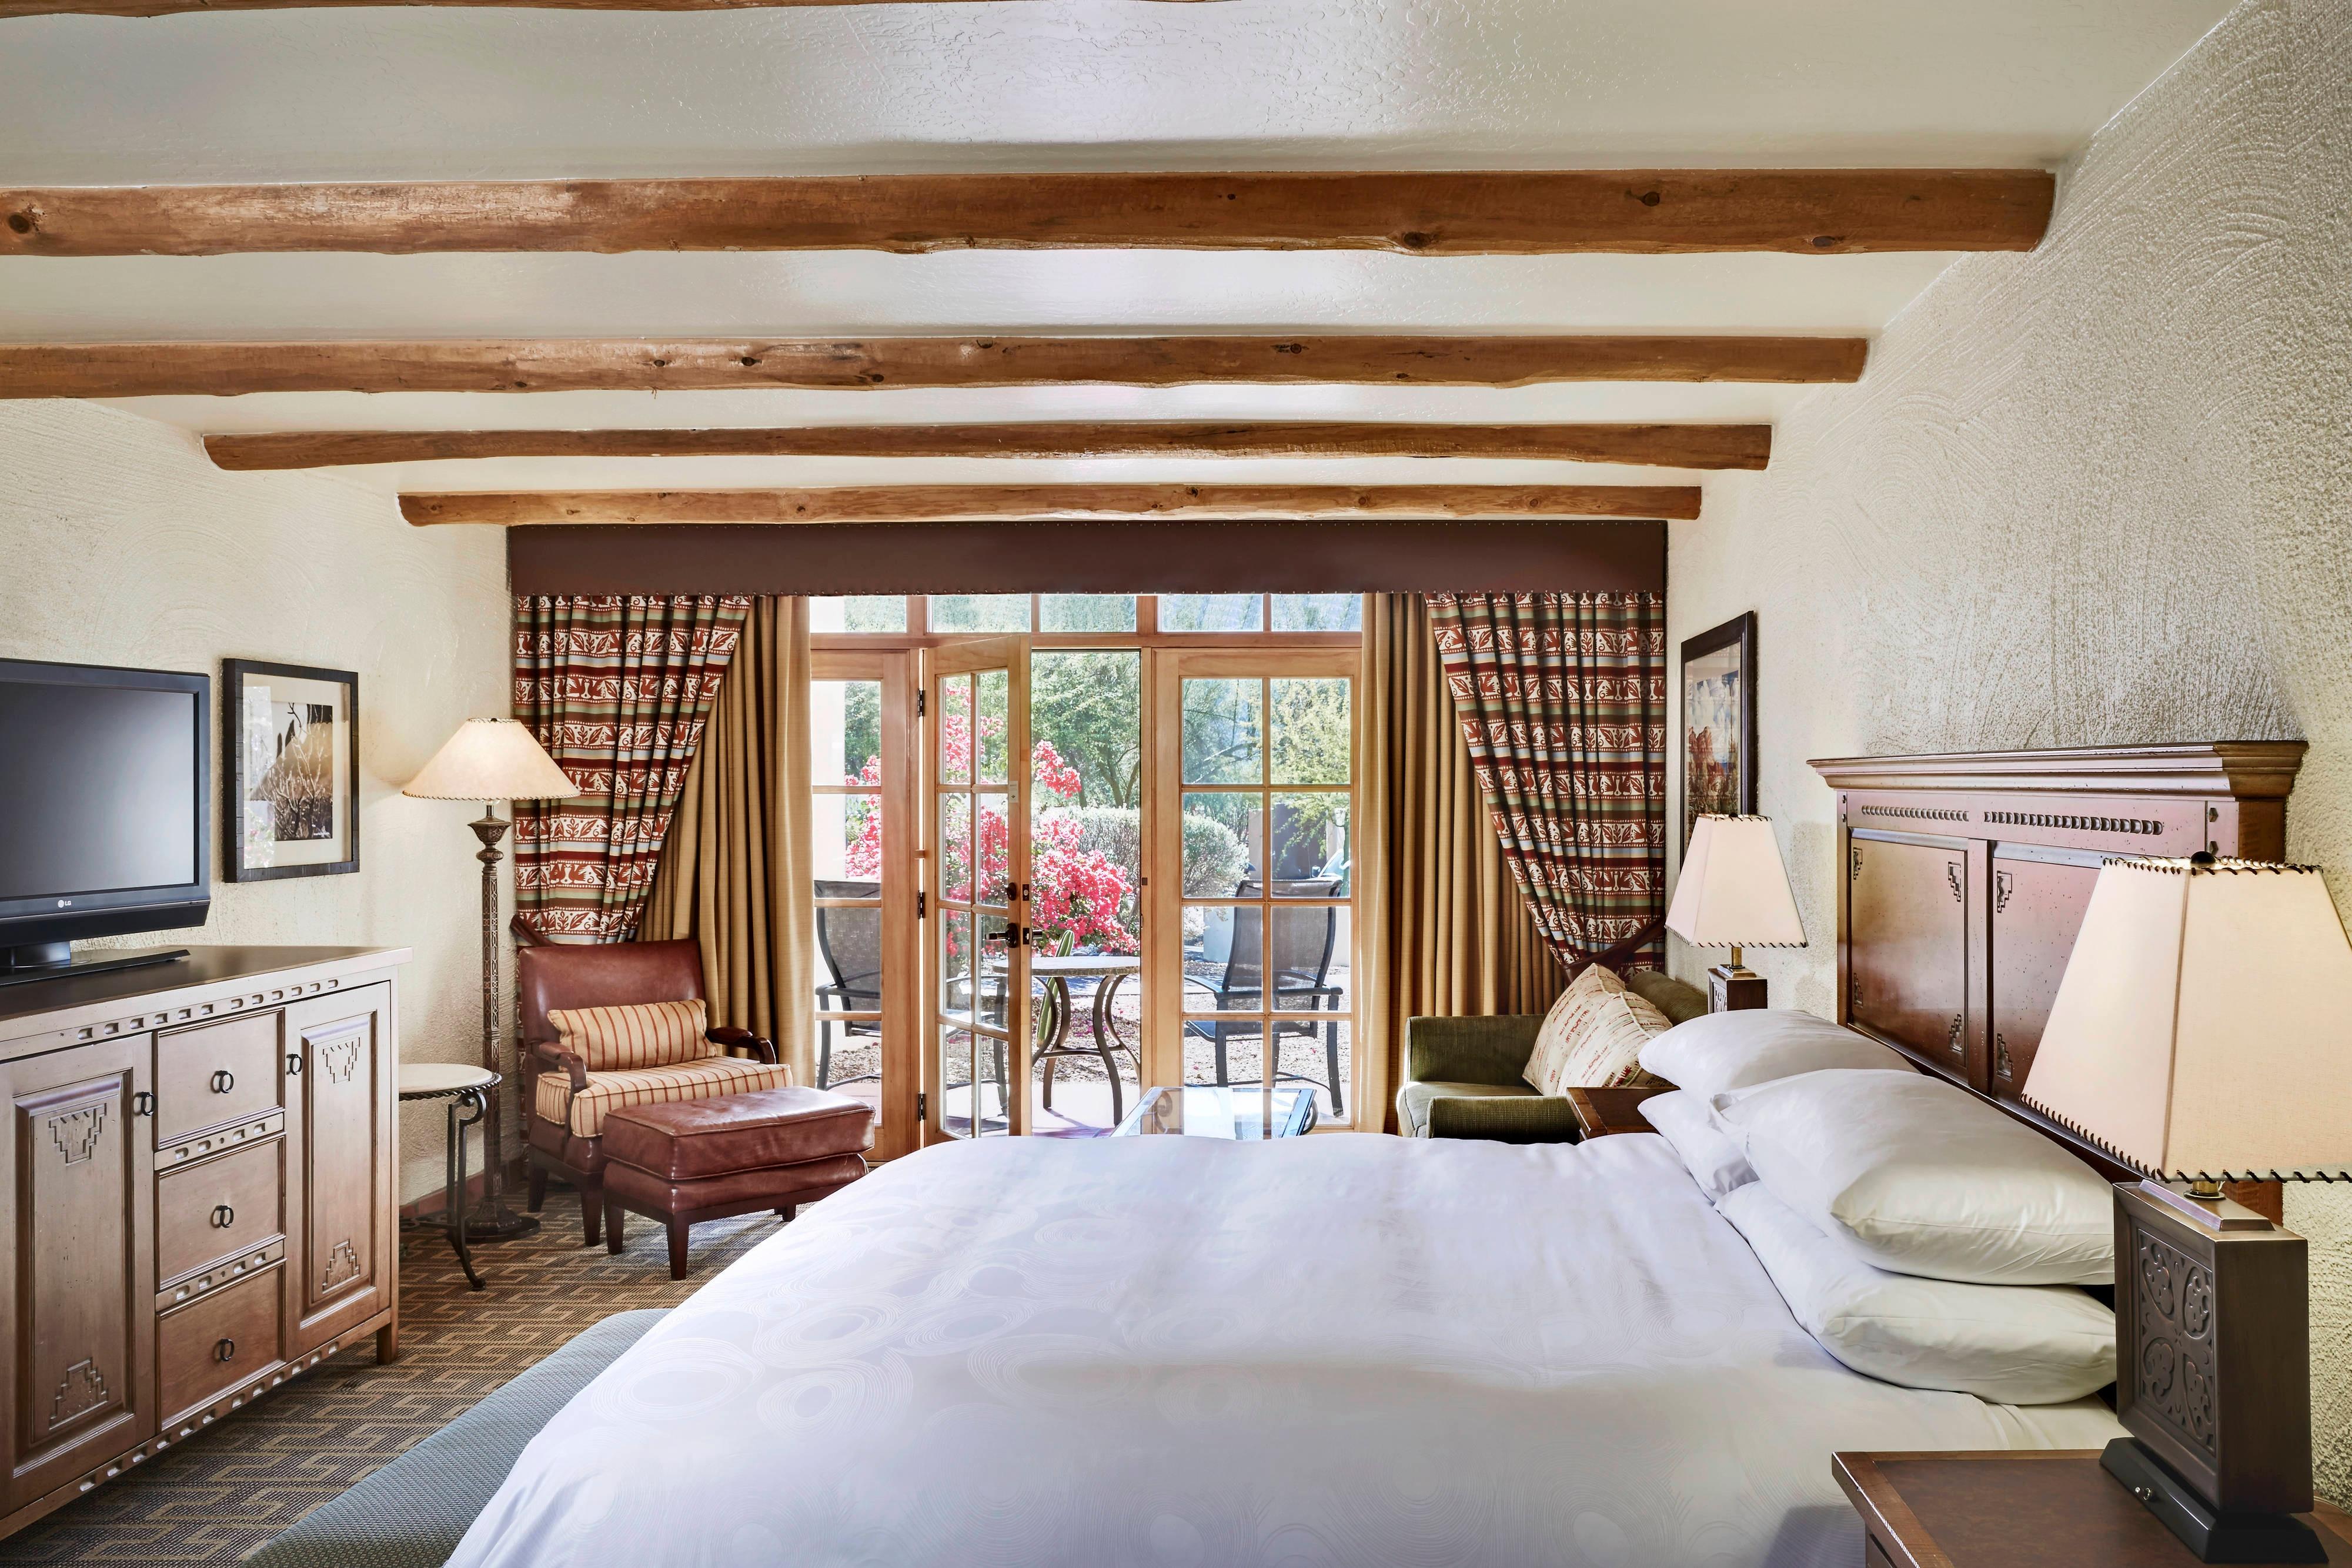 Arizona Luxury Hotel Jw Marriott Scottsdale Camelback